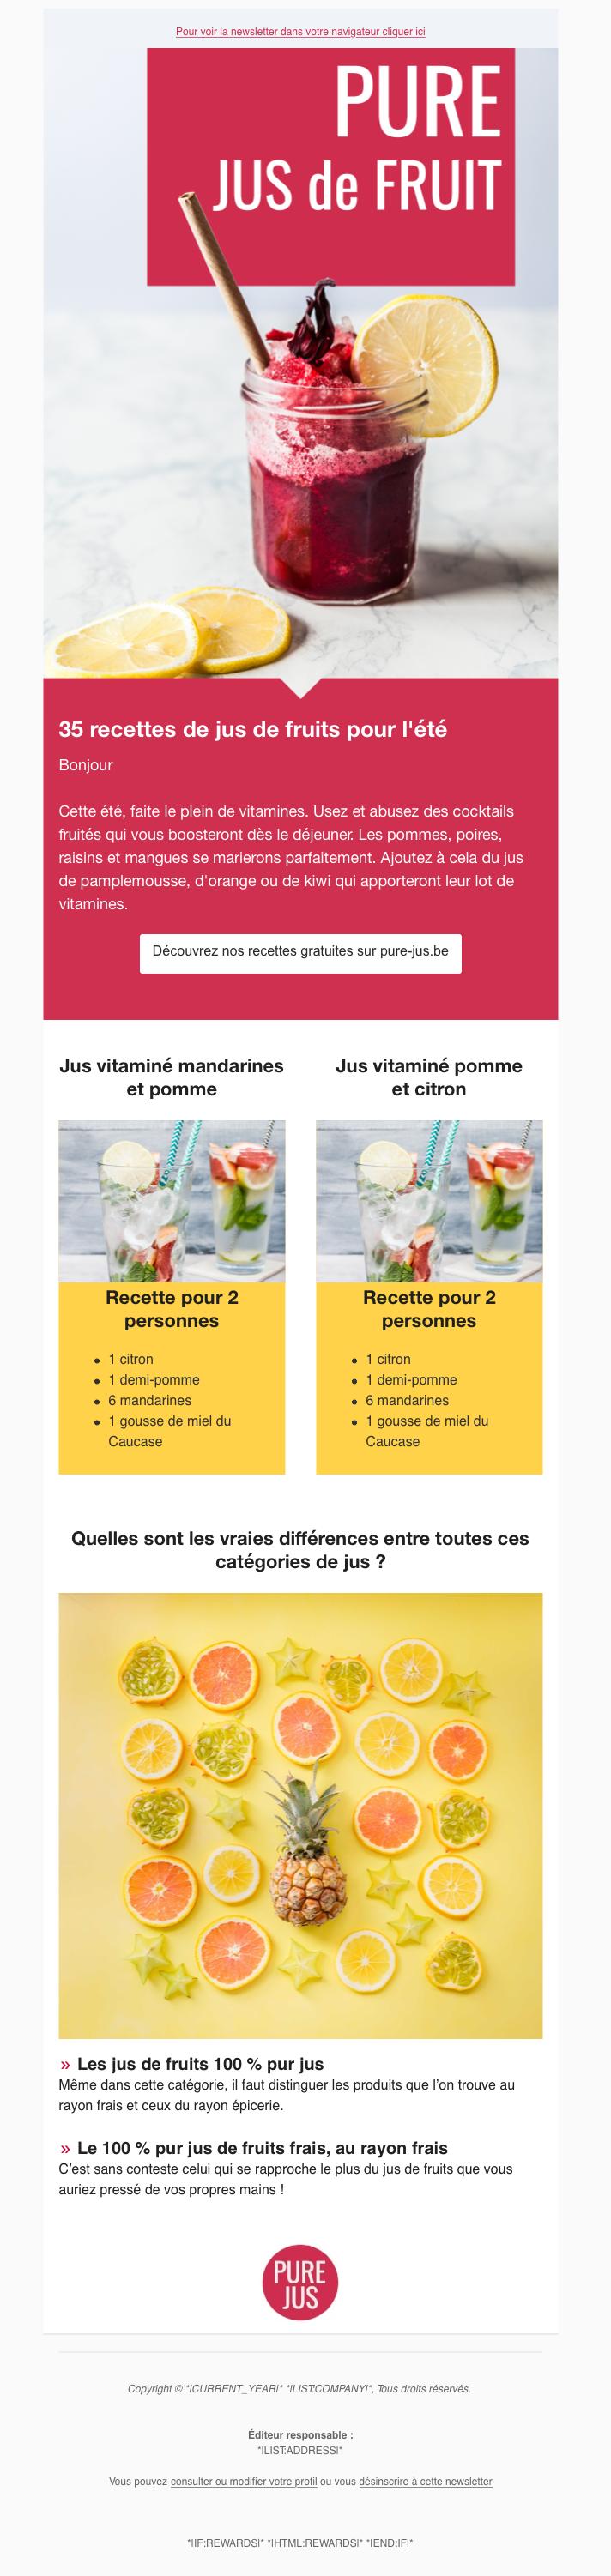 Newsletter recette de cuisine 2 colonnes